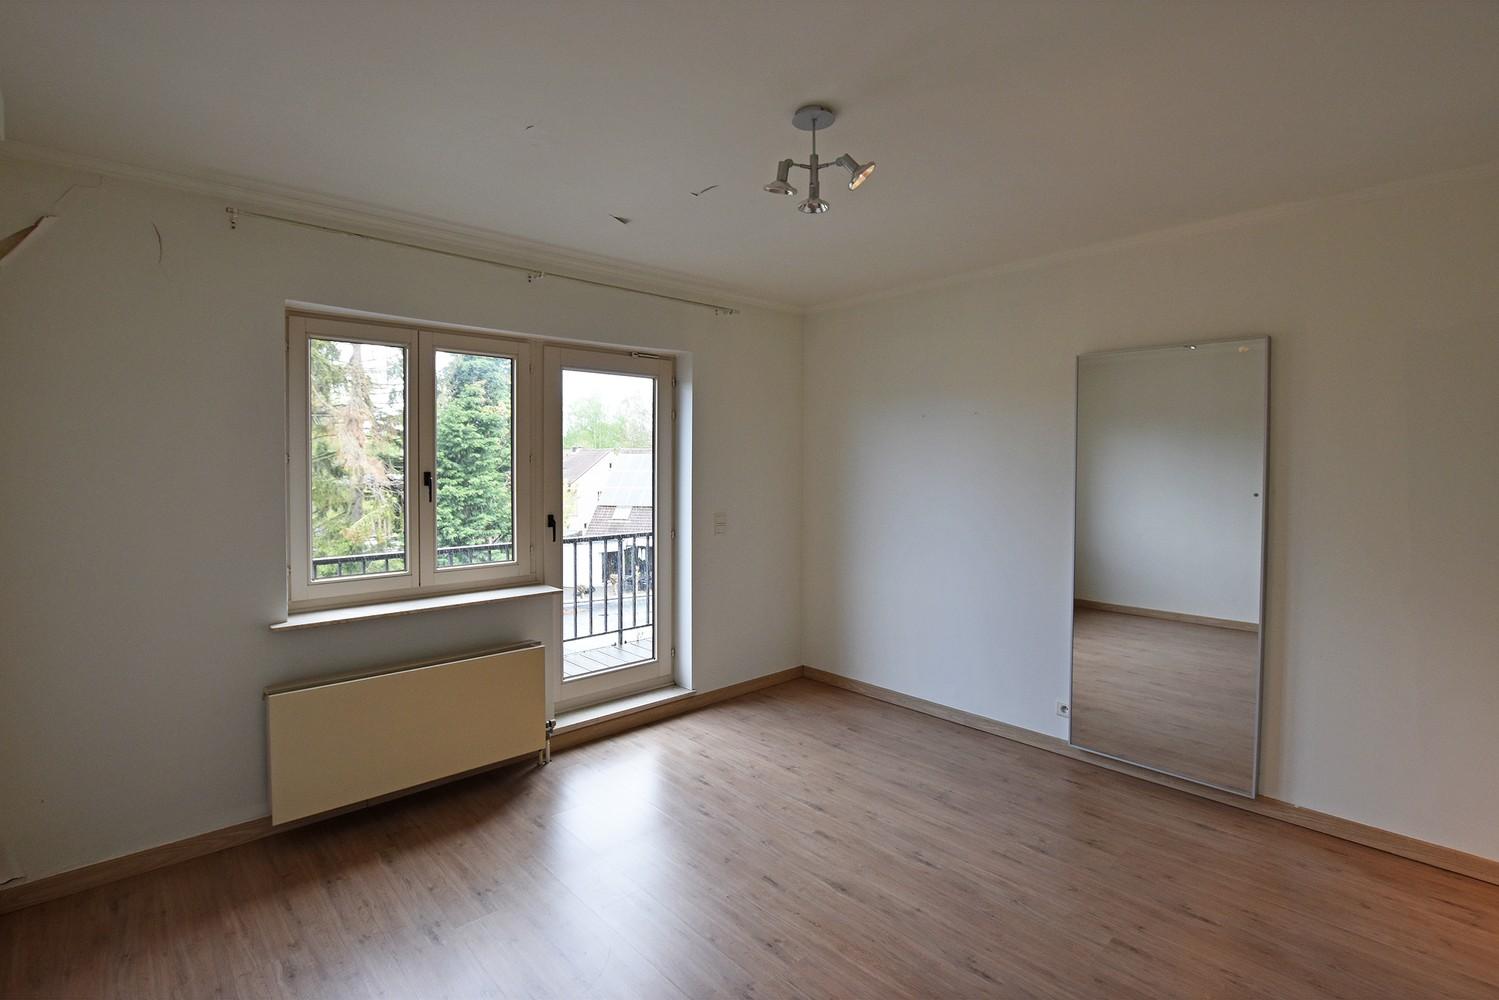 Riant duplex-appartement (200 m²), centraal gelegen te Schilde! afbeelding 5